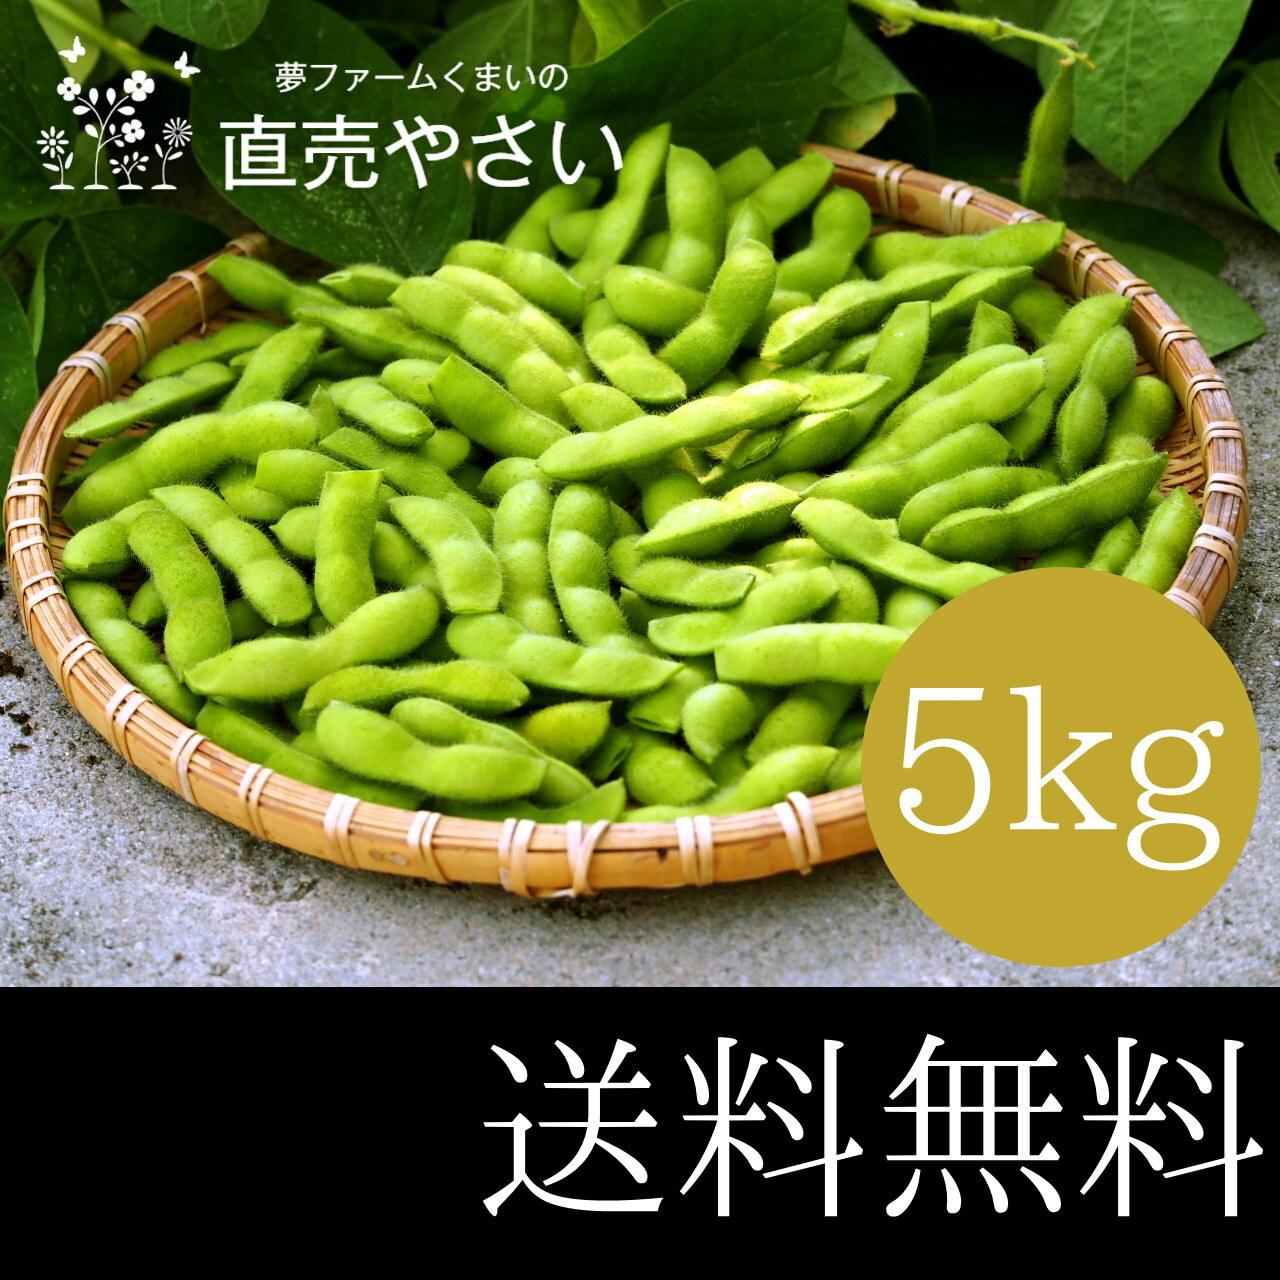 枝豆 大量 5kg  送料無料 ジャスト75 恋姫 晩酌茶豆 肴豆